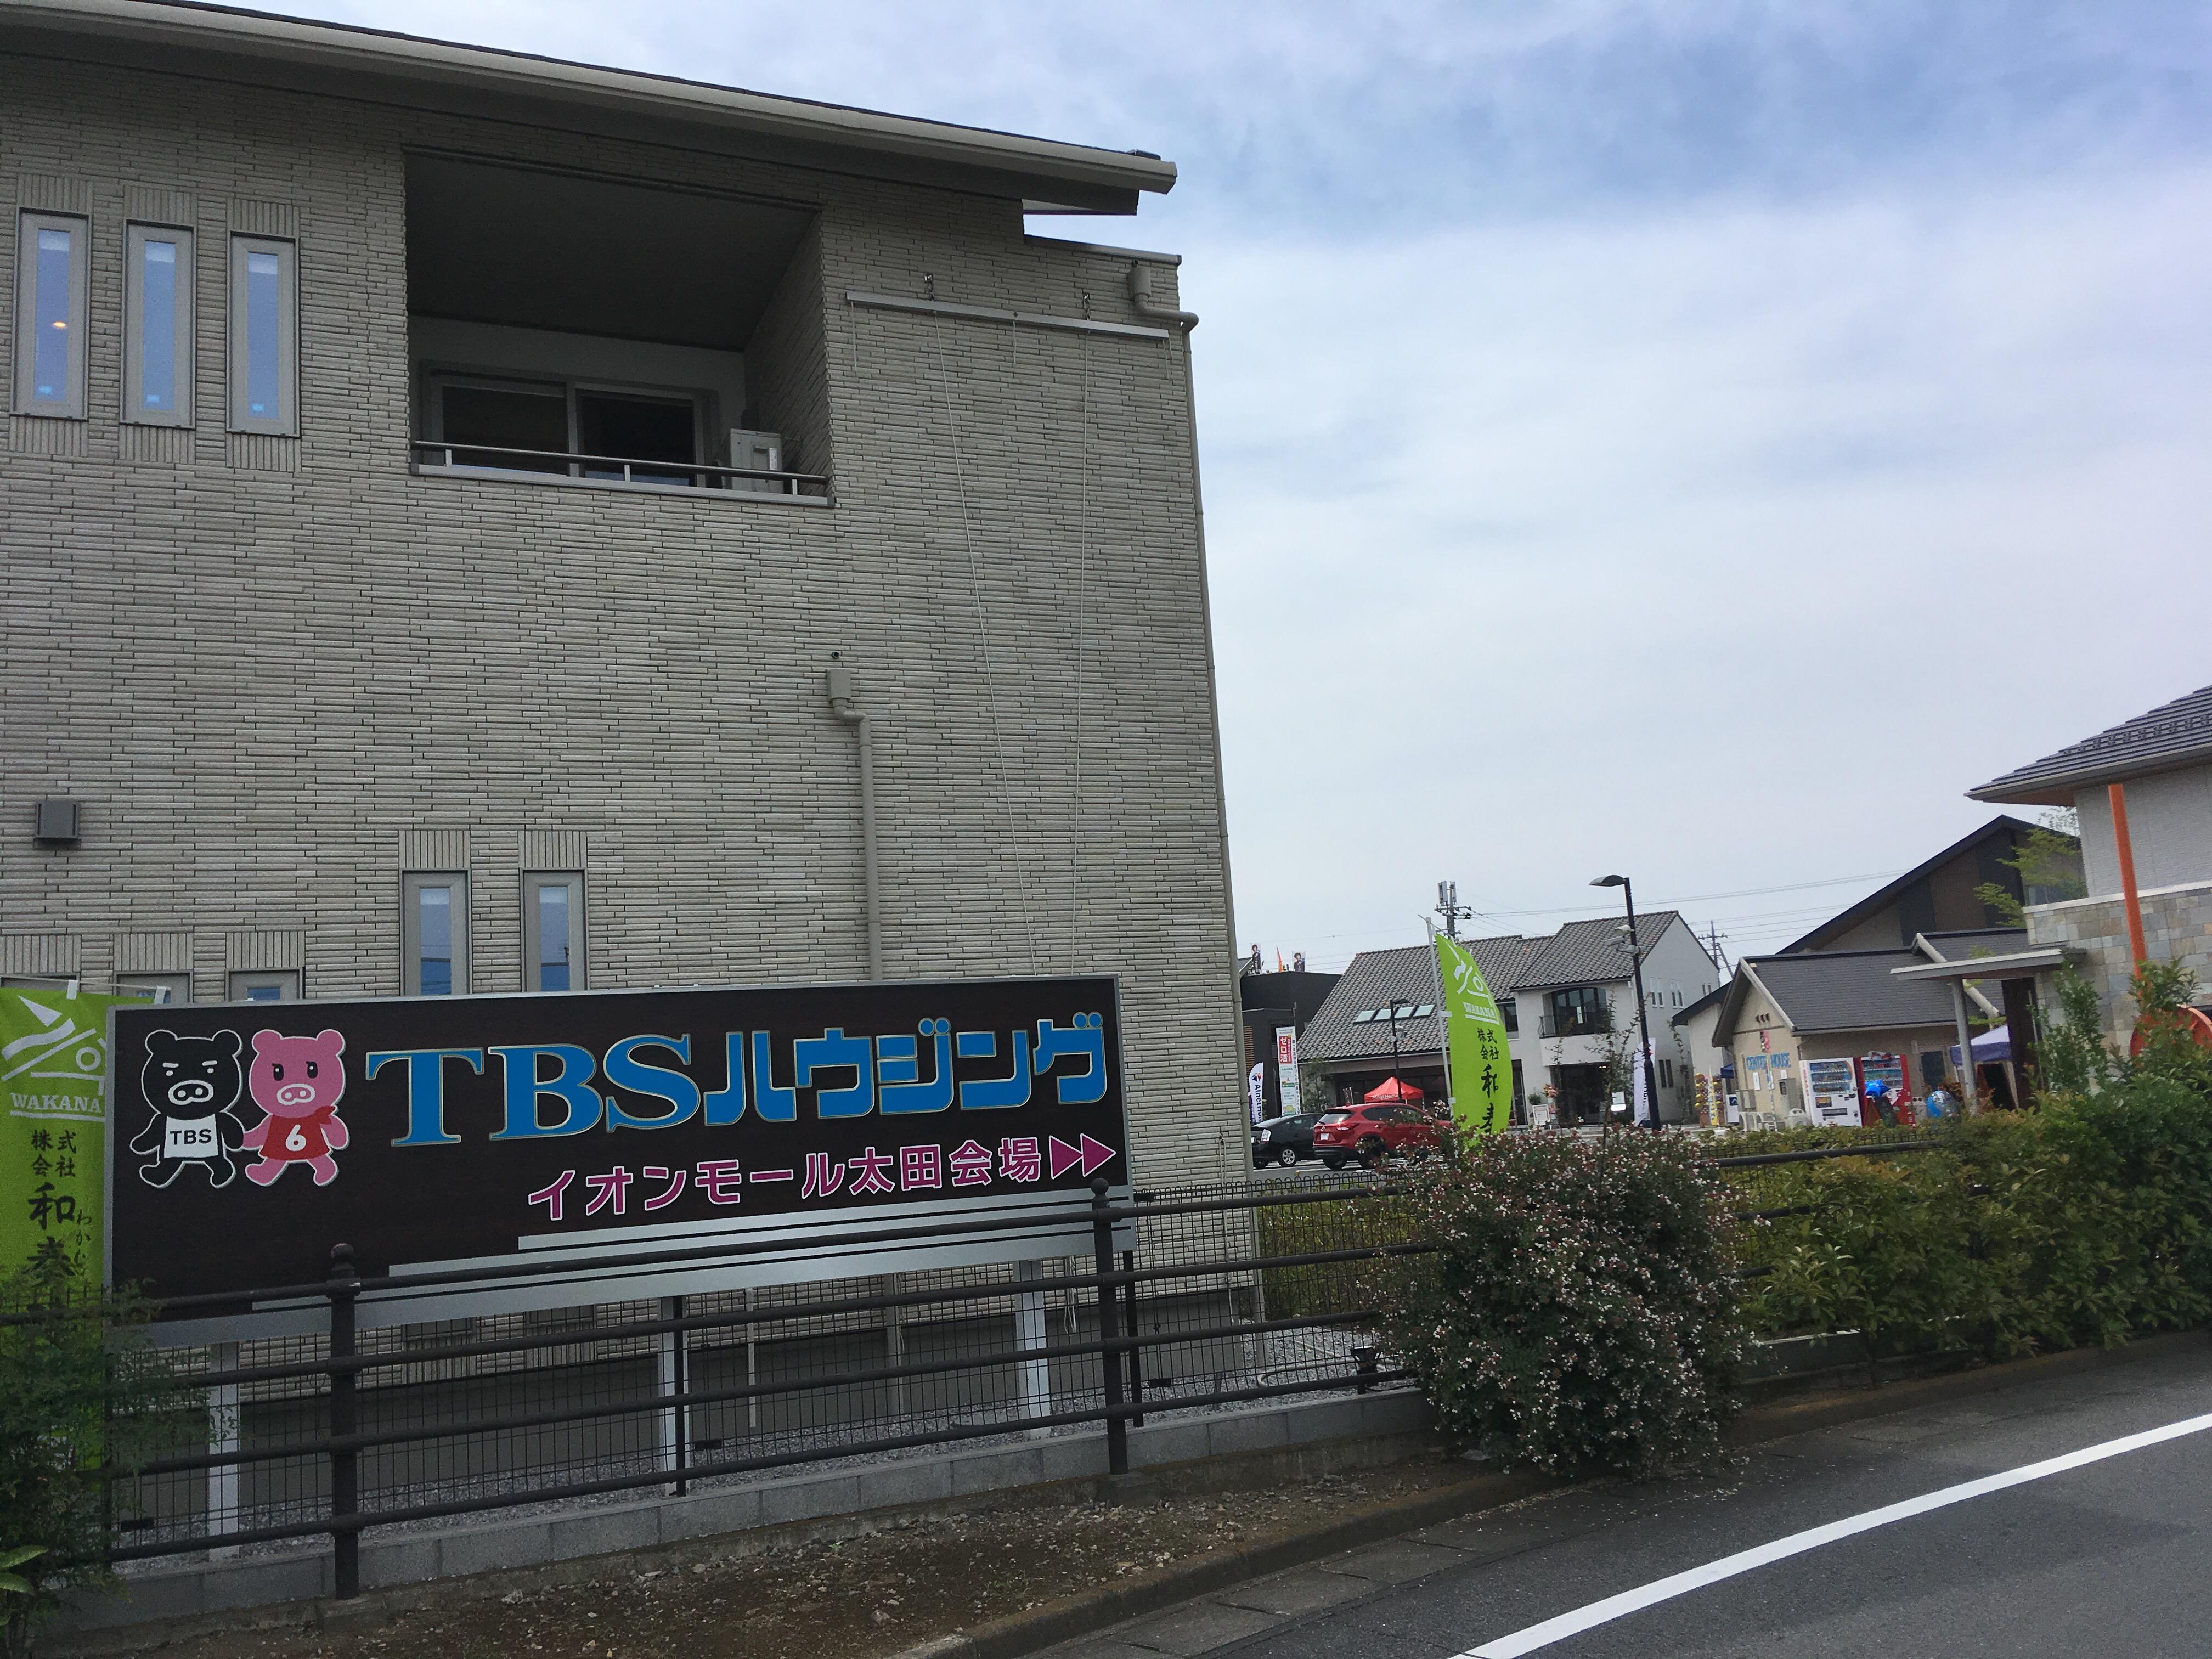 TBSハウジングイオンモール太田